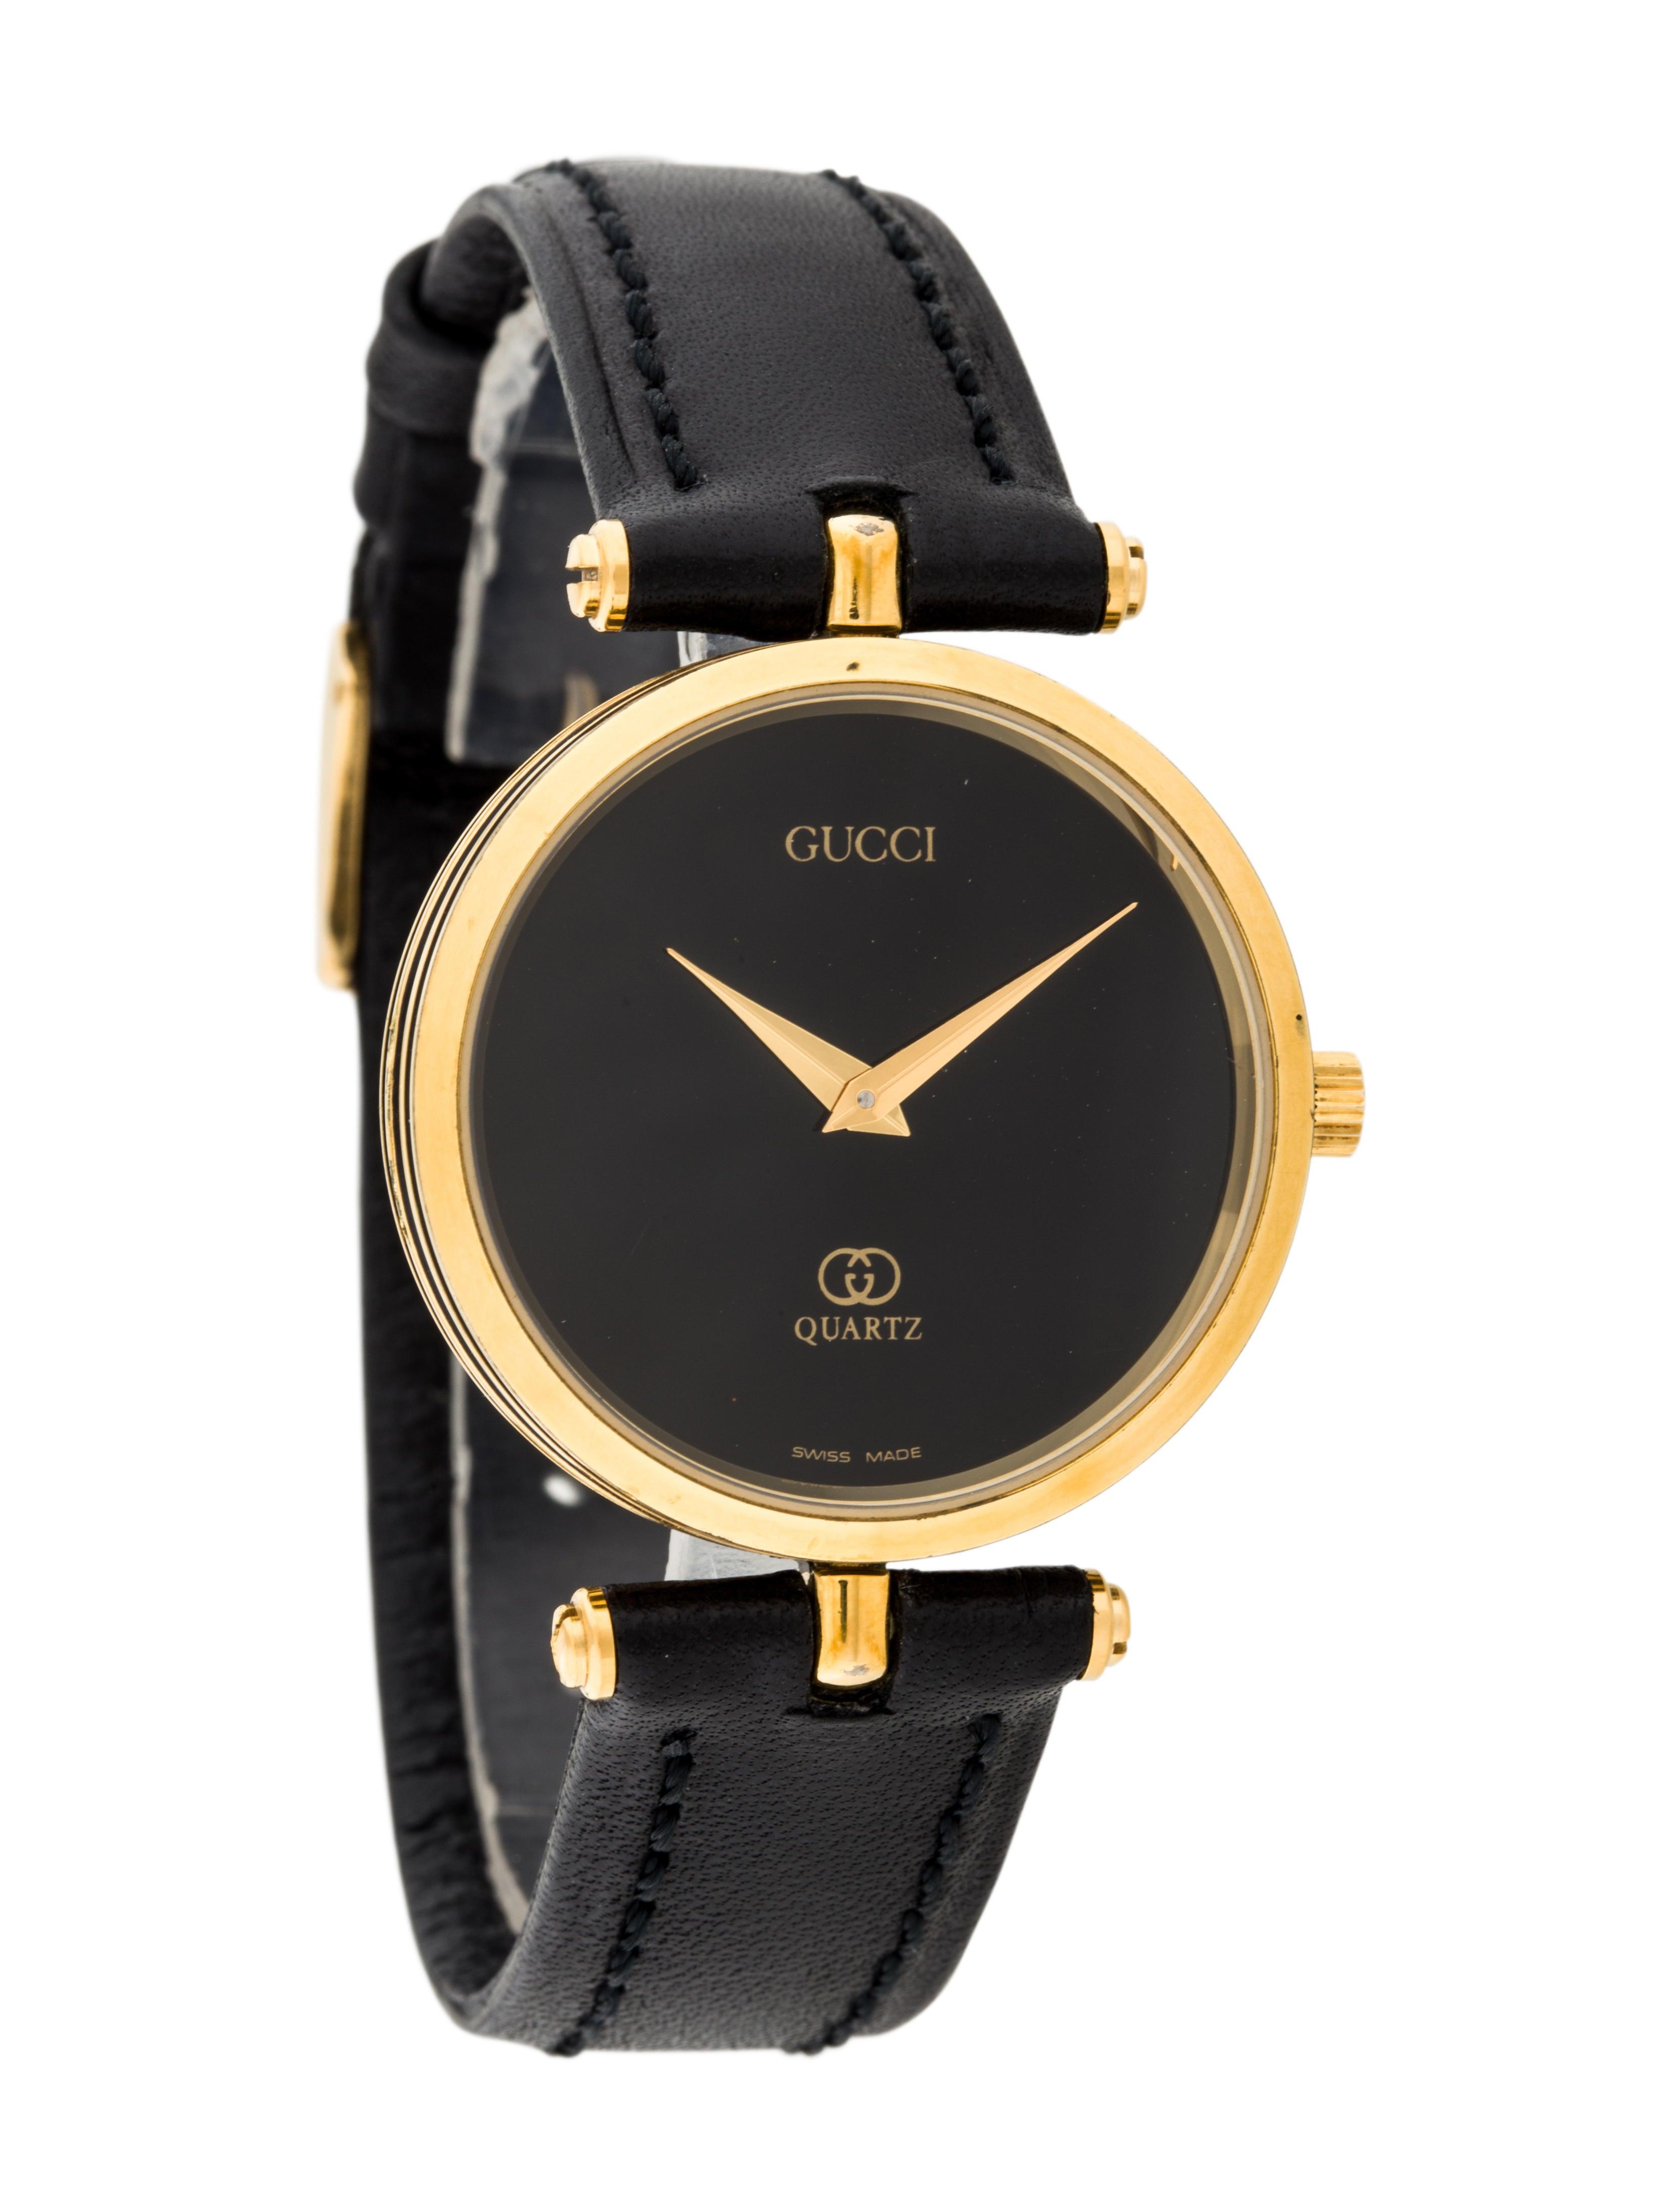 0961c08e3e1 Gucci 2000M Watch - Strap - GUC81067